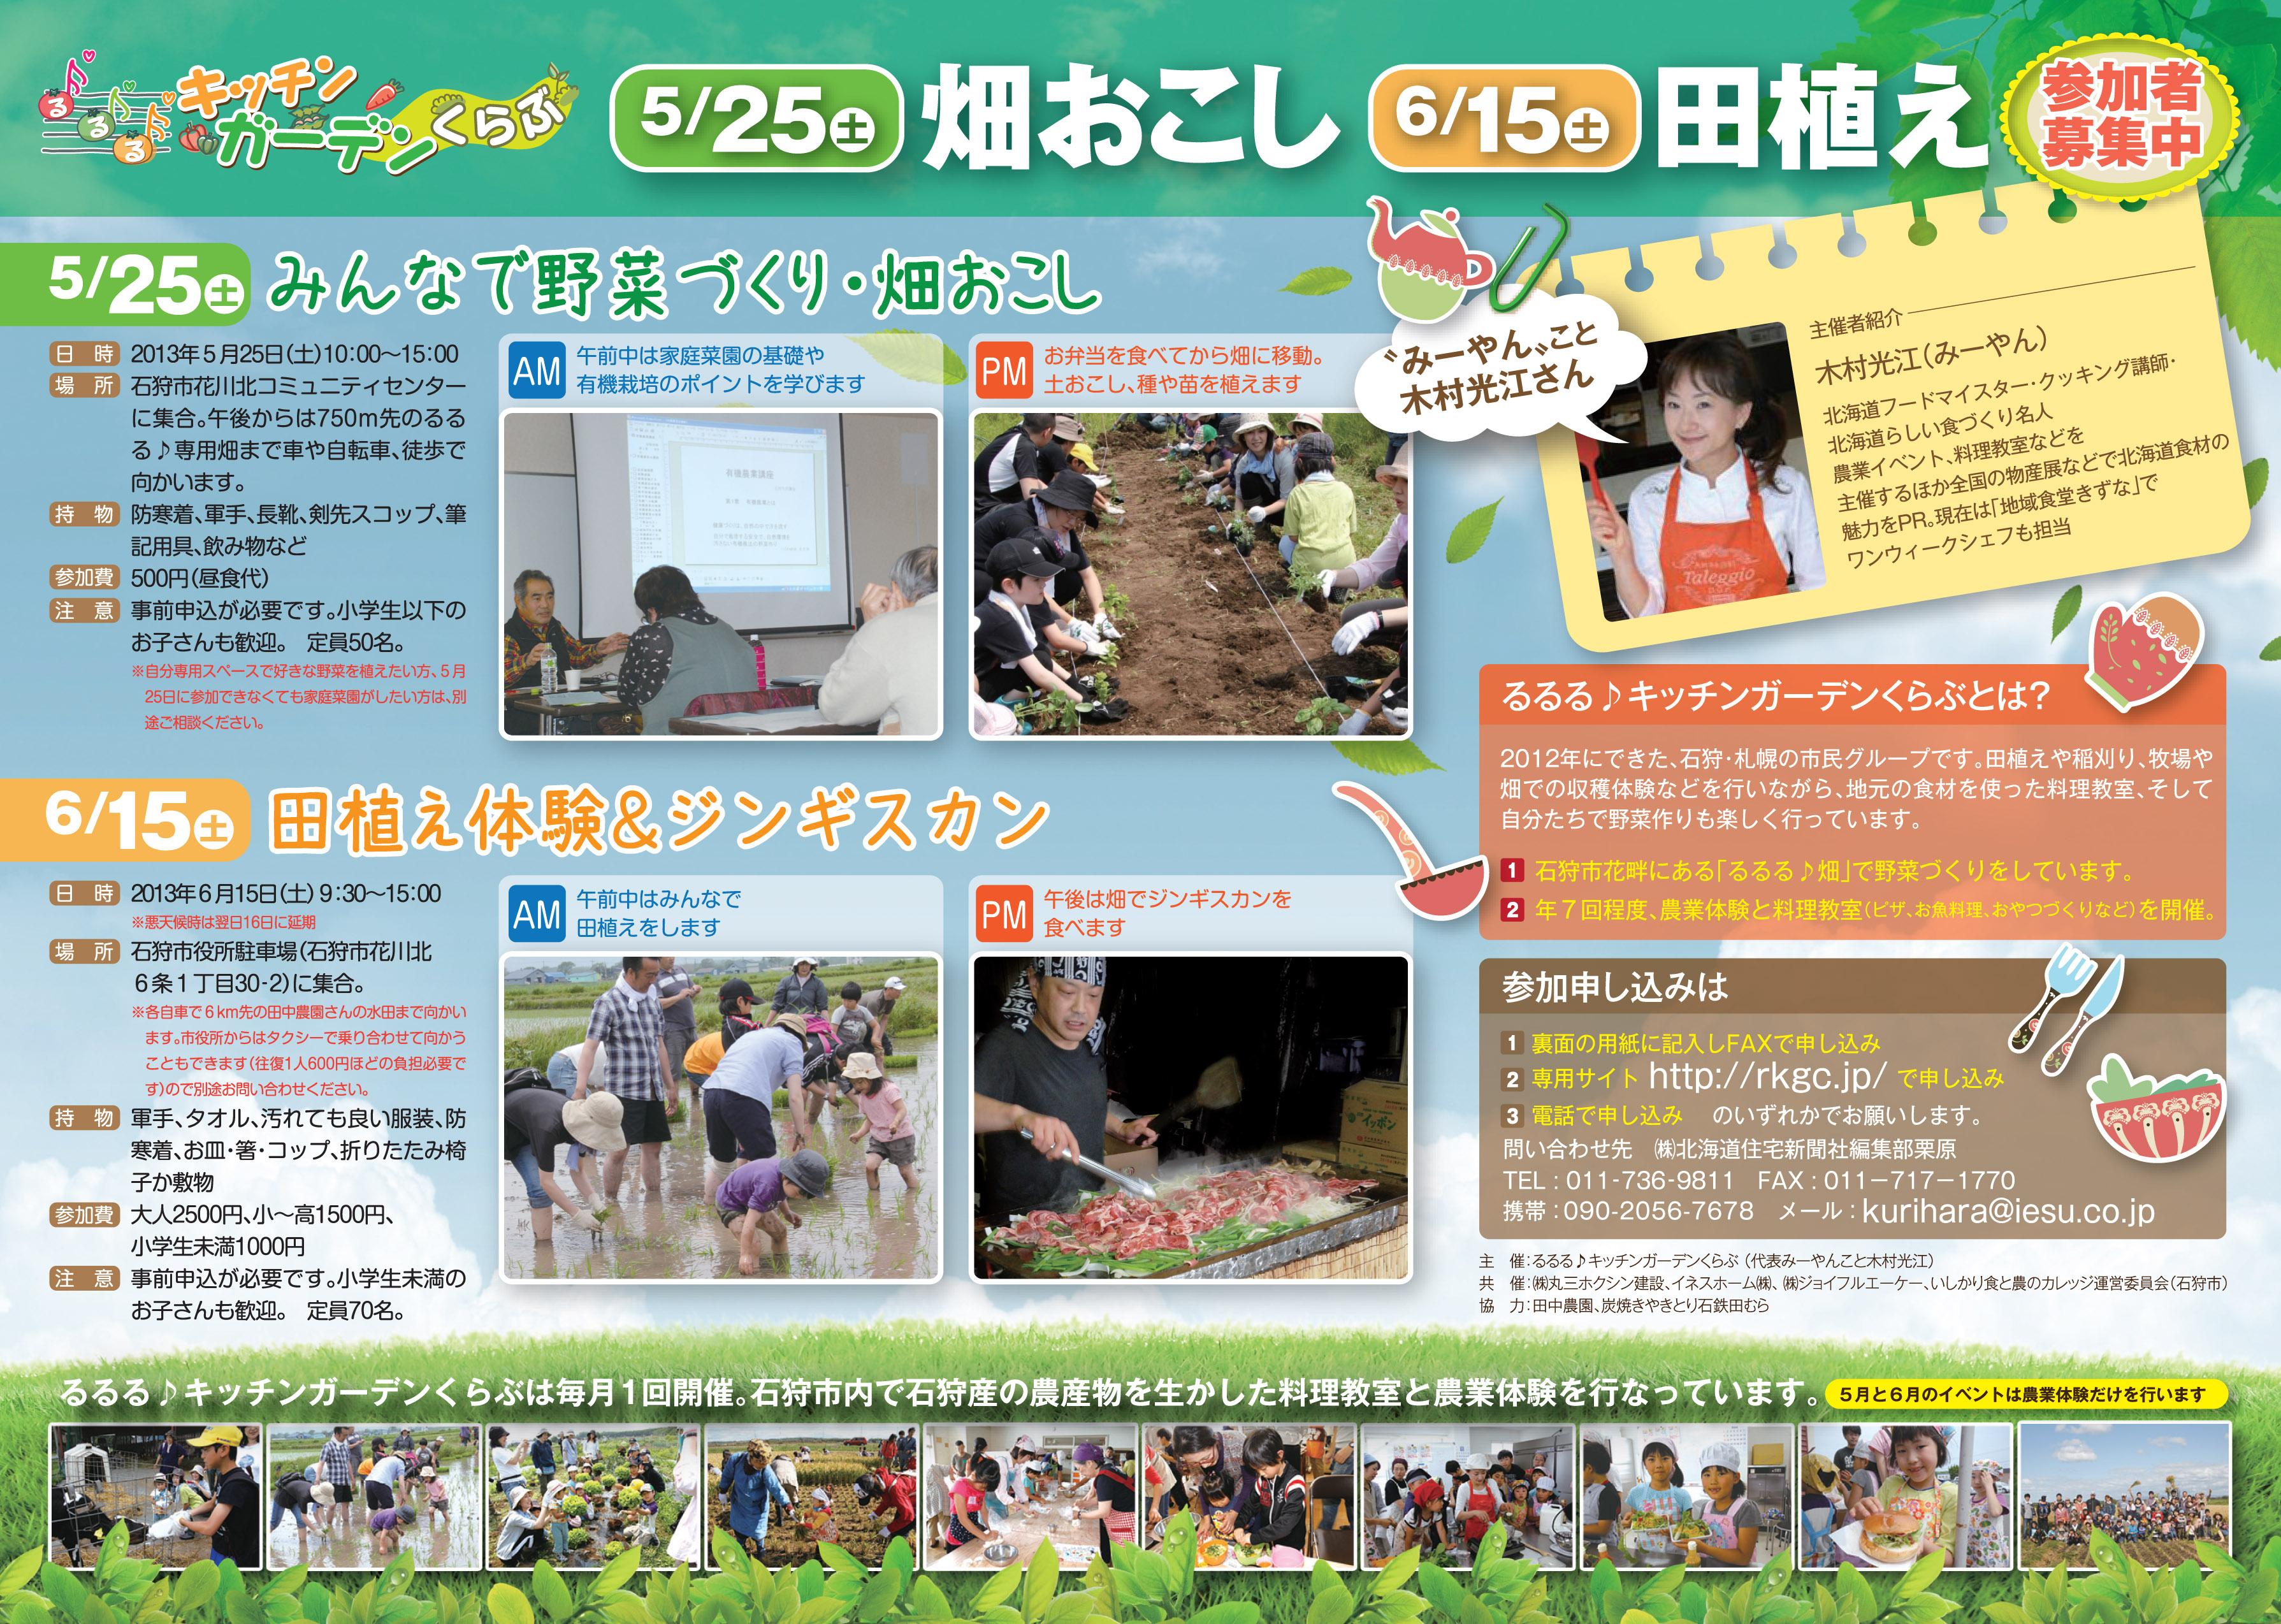 参加者募集中!第8回るるる♪5月25日(土)畑起こし&家庭菜園・有機栽培講座